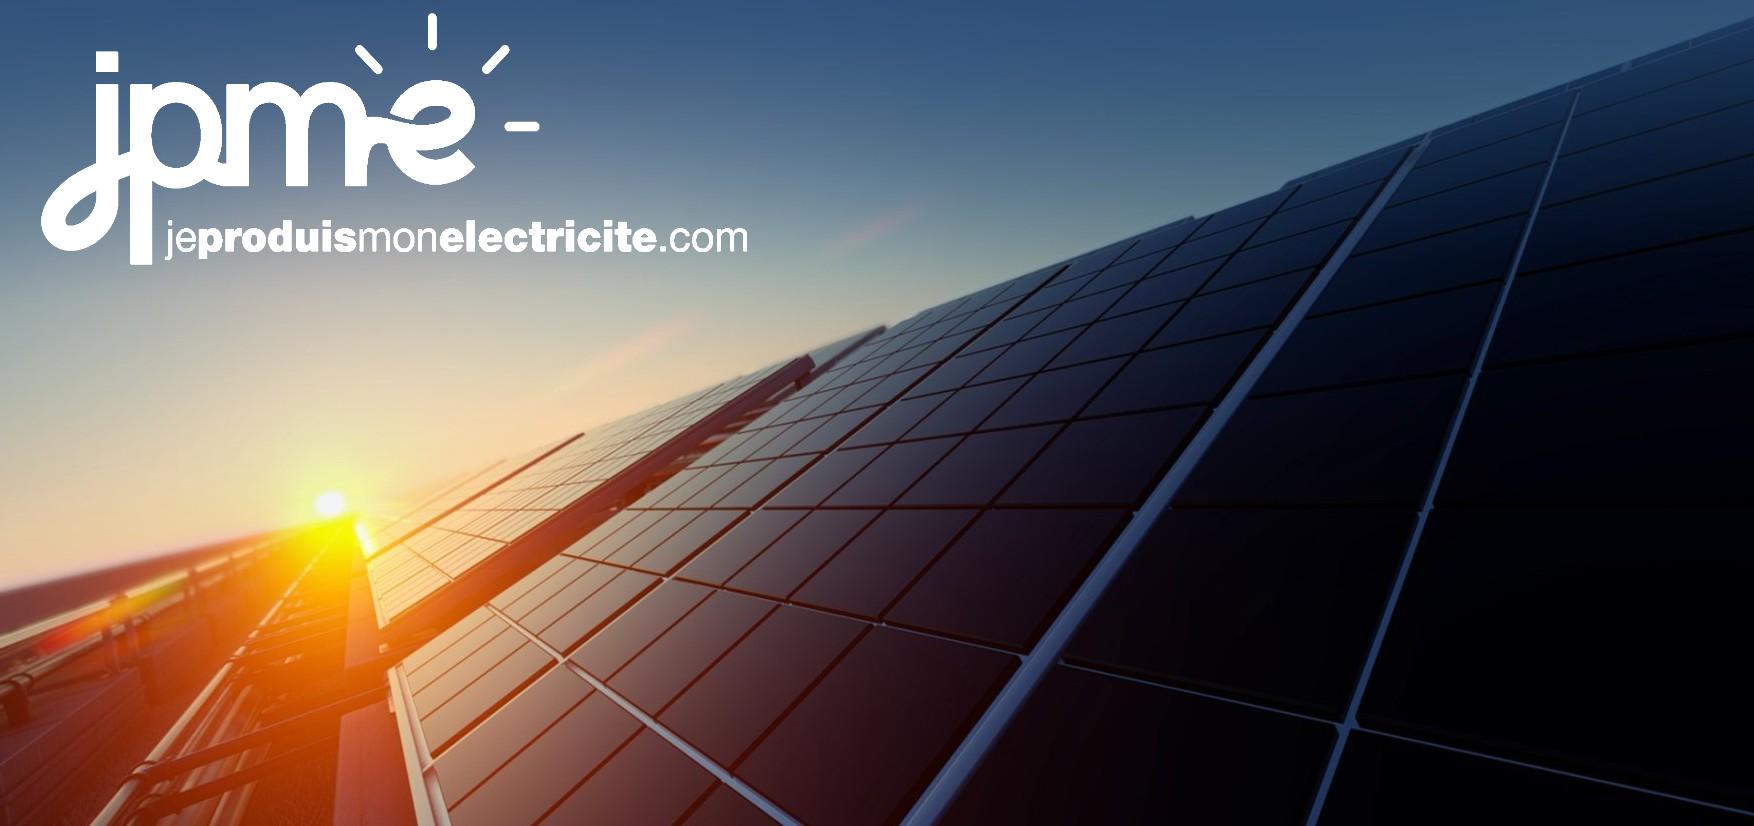 JPME - Concepteur, installateur et opérateur de solutions d'autoproduction photovoltaïques pour les particuliers